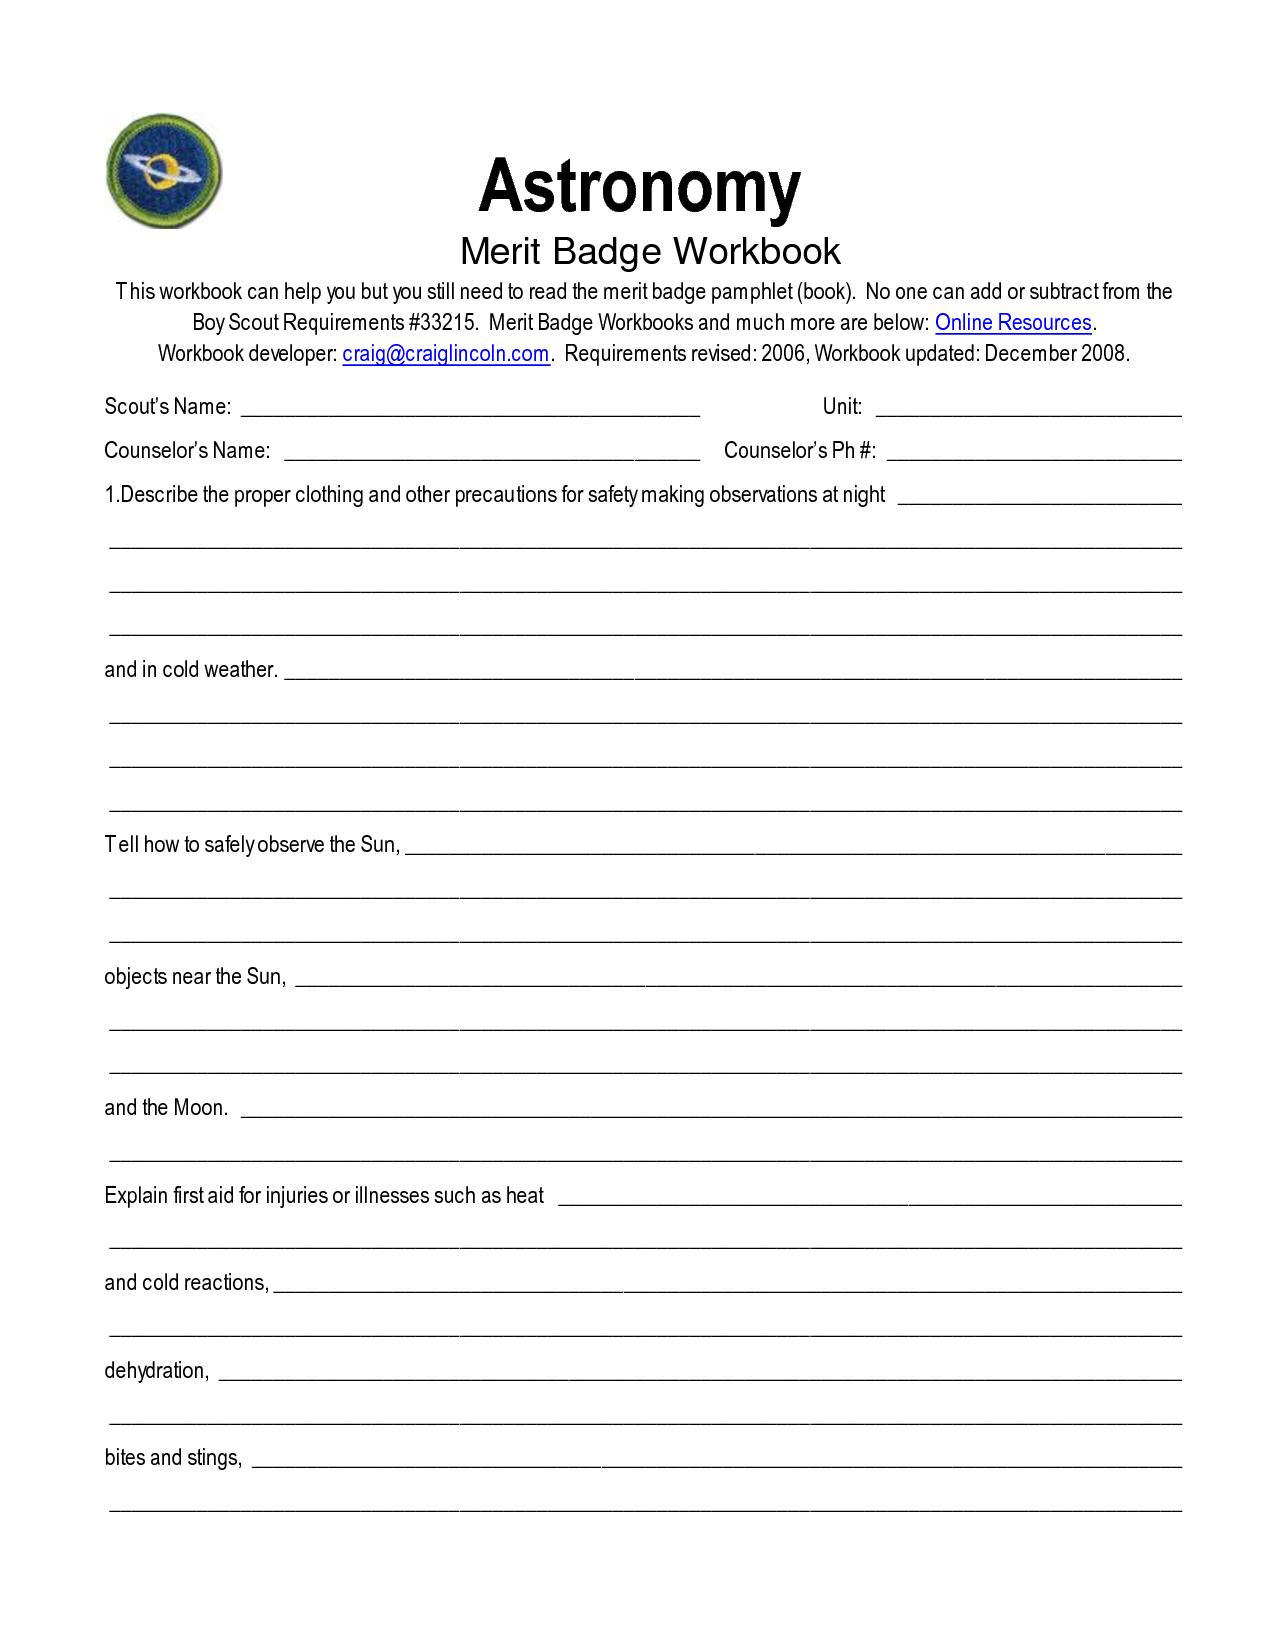 Astronomy Merit Badge Worksheet